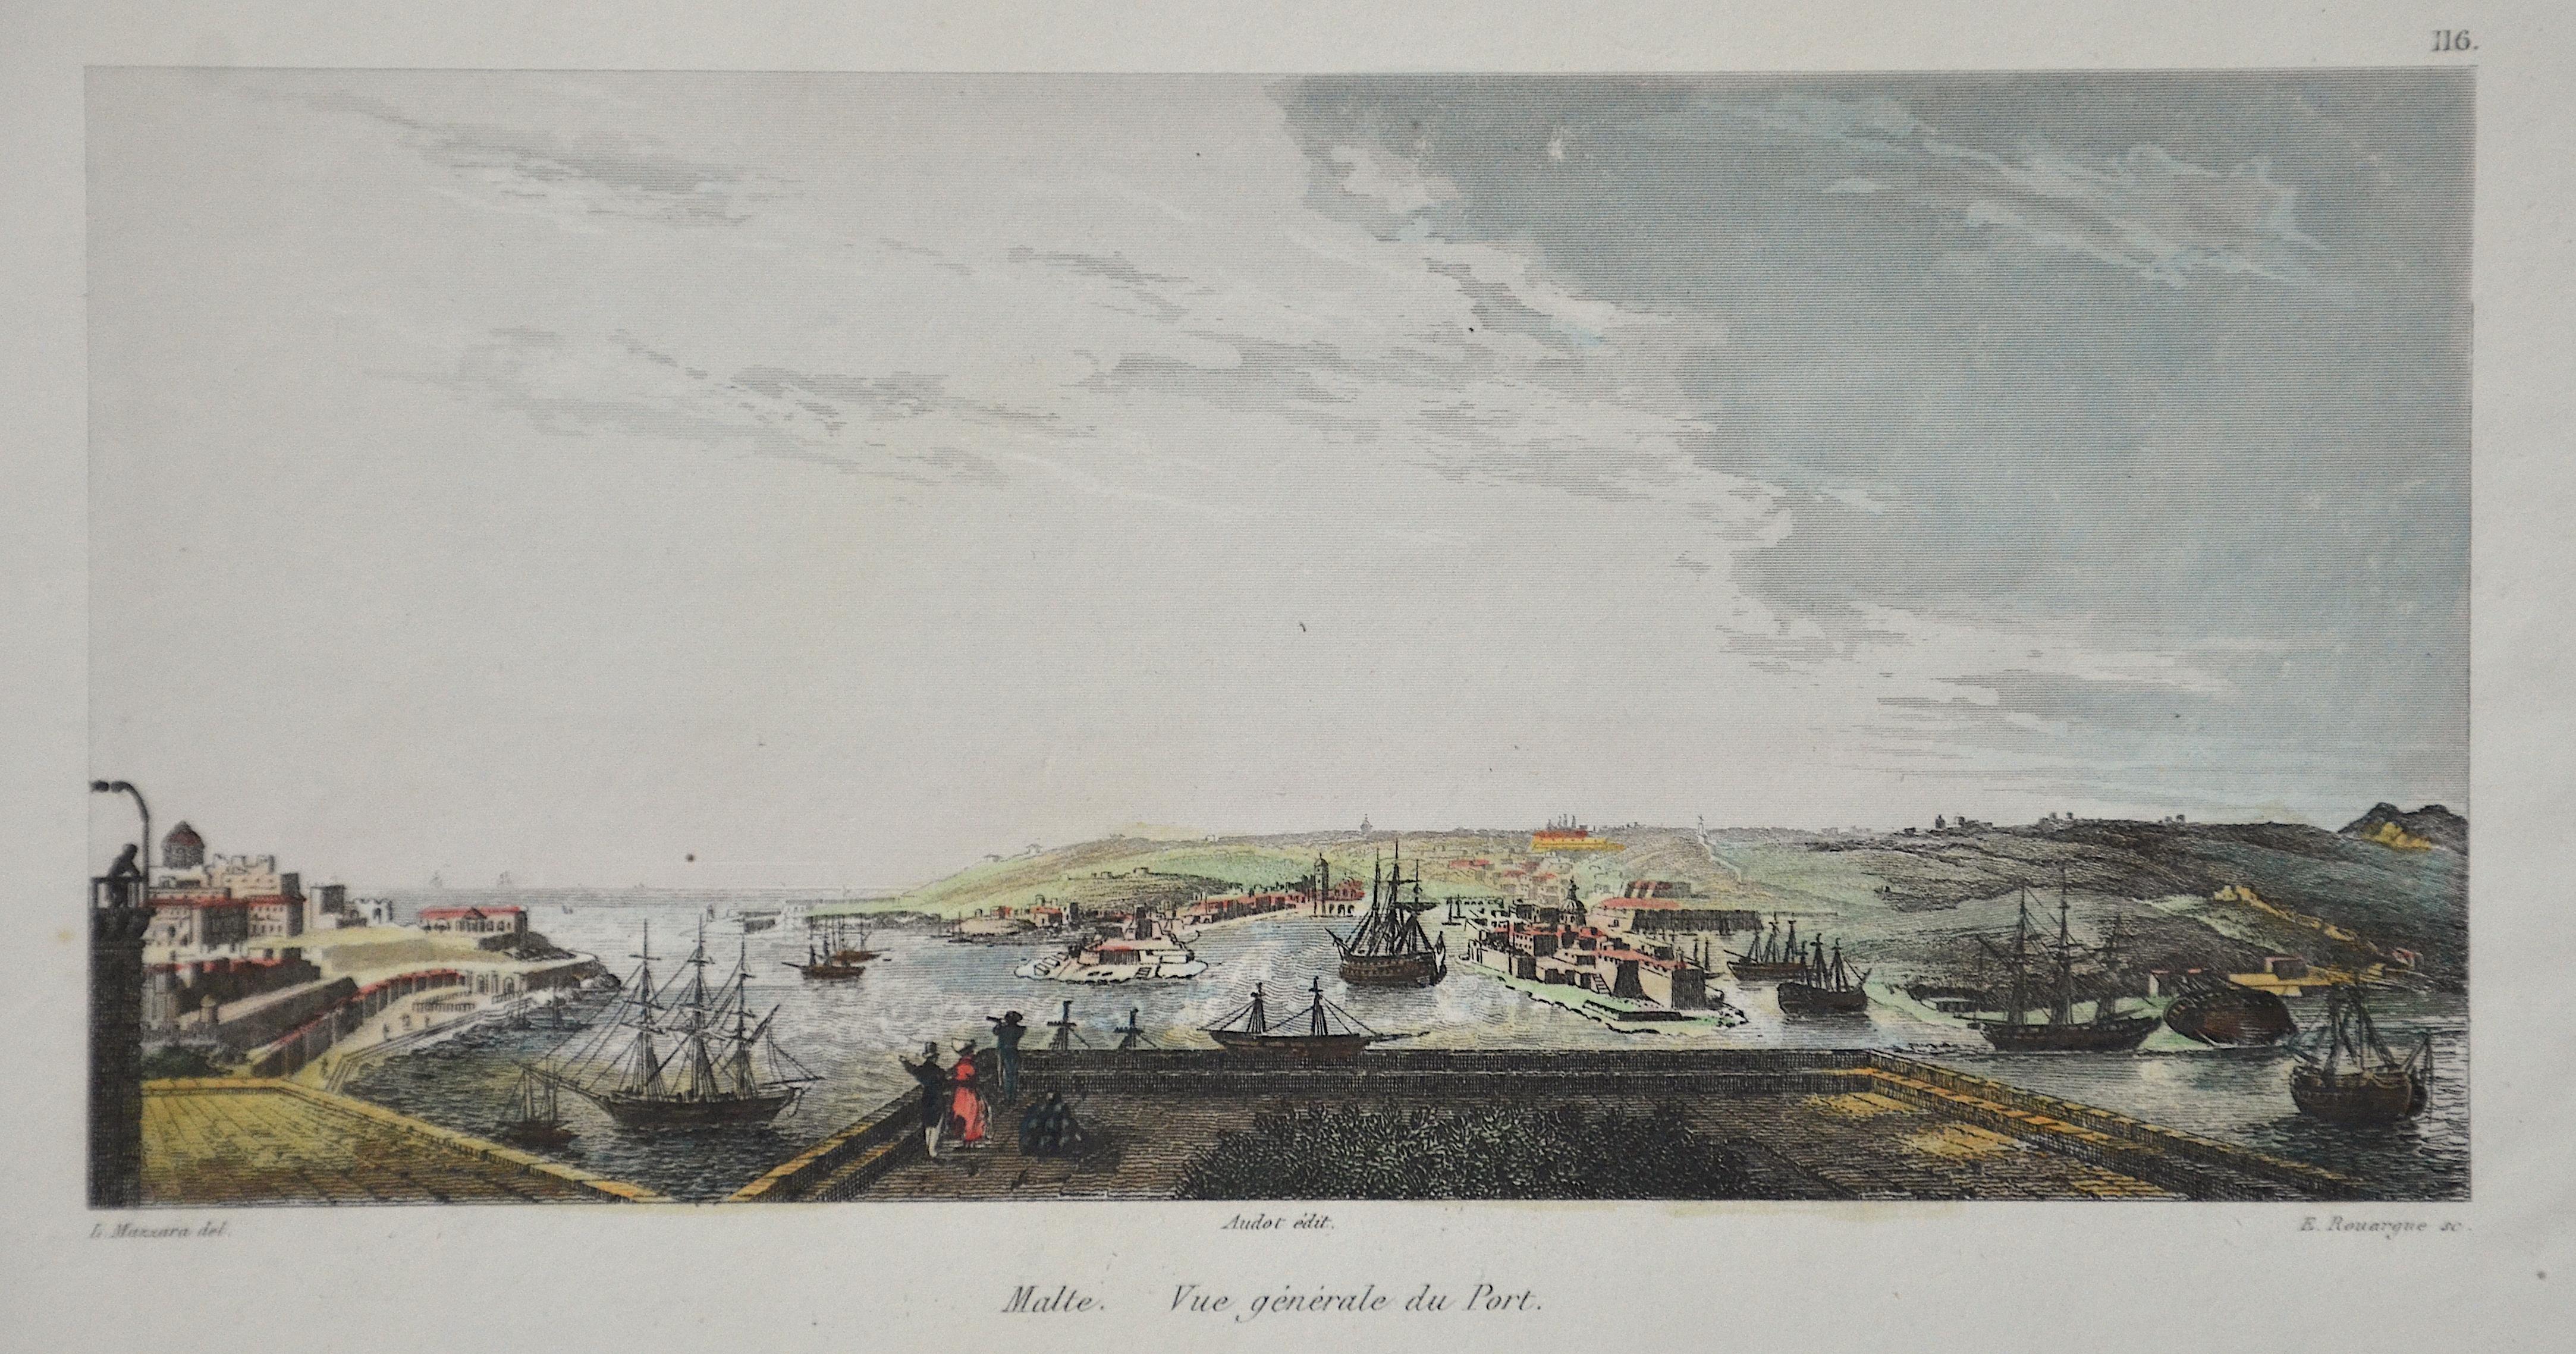 Rouargue  Malte. Vue générale du Port.